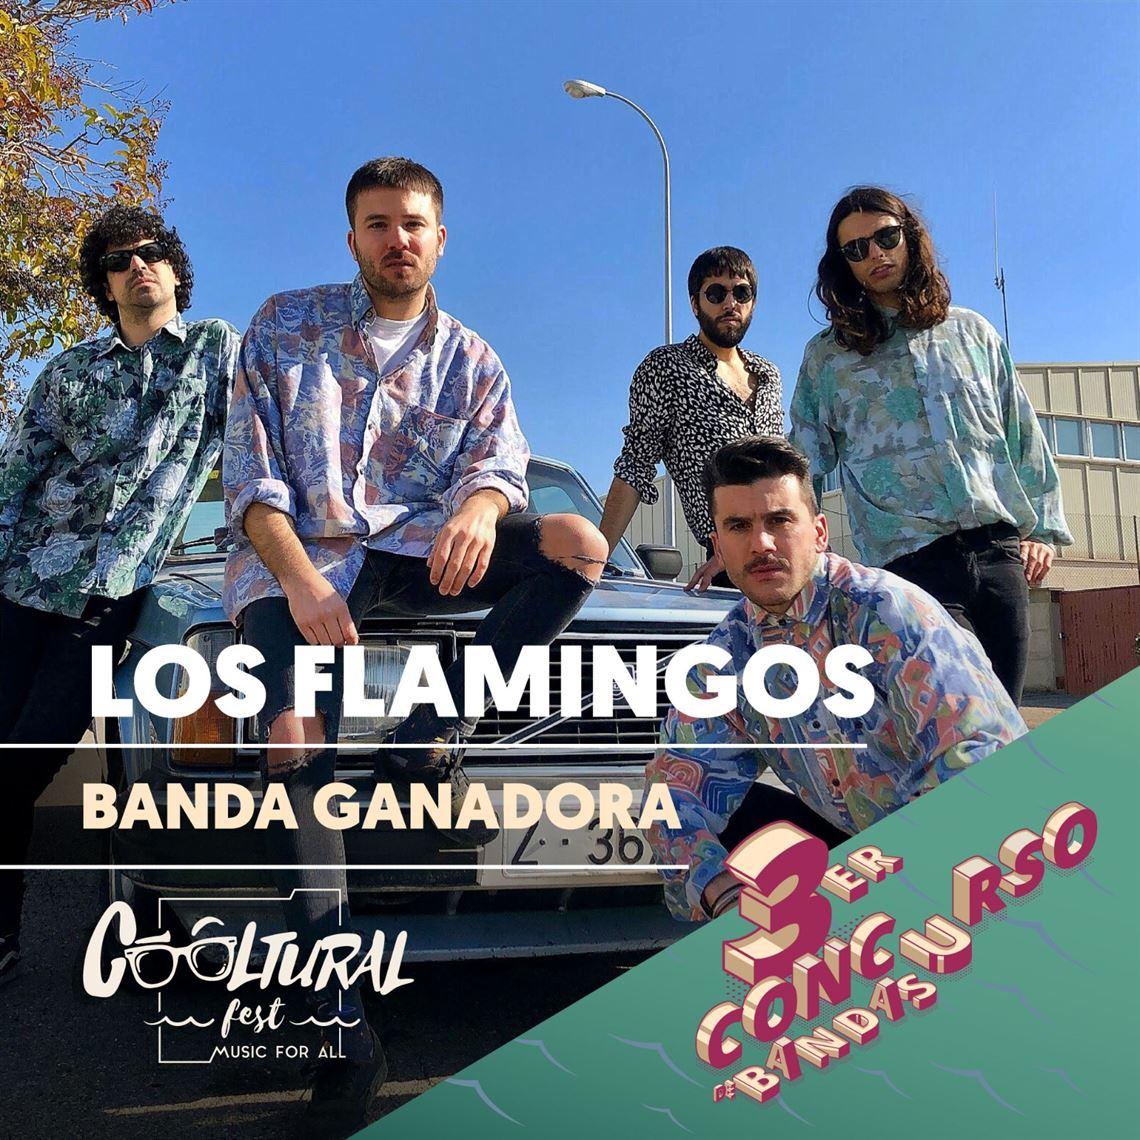 los flamingos concurso badnas cooltural fest 2020